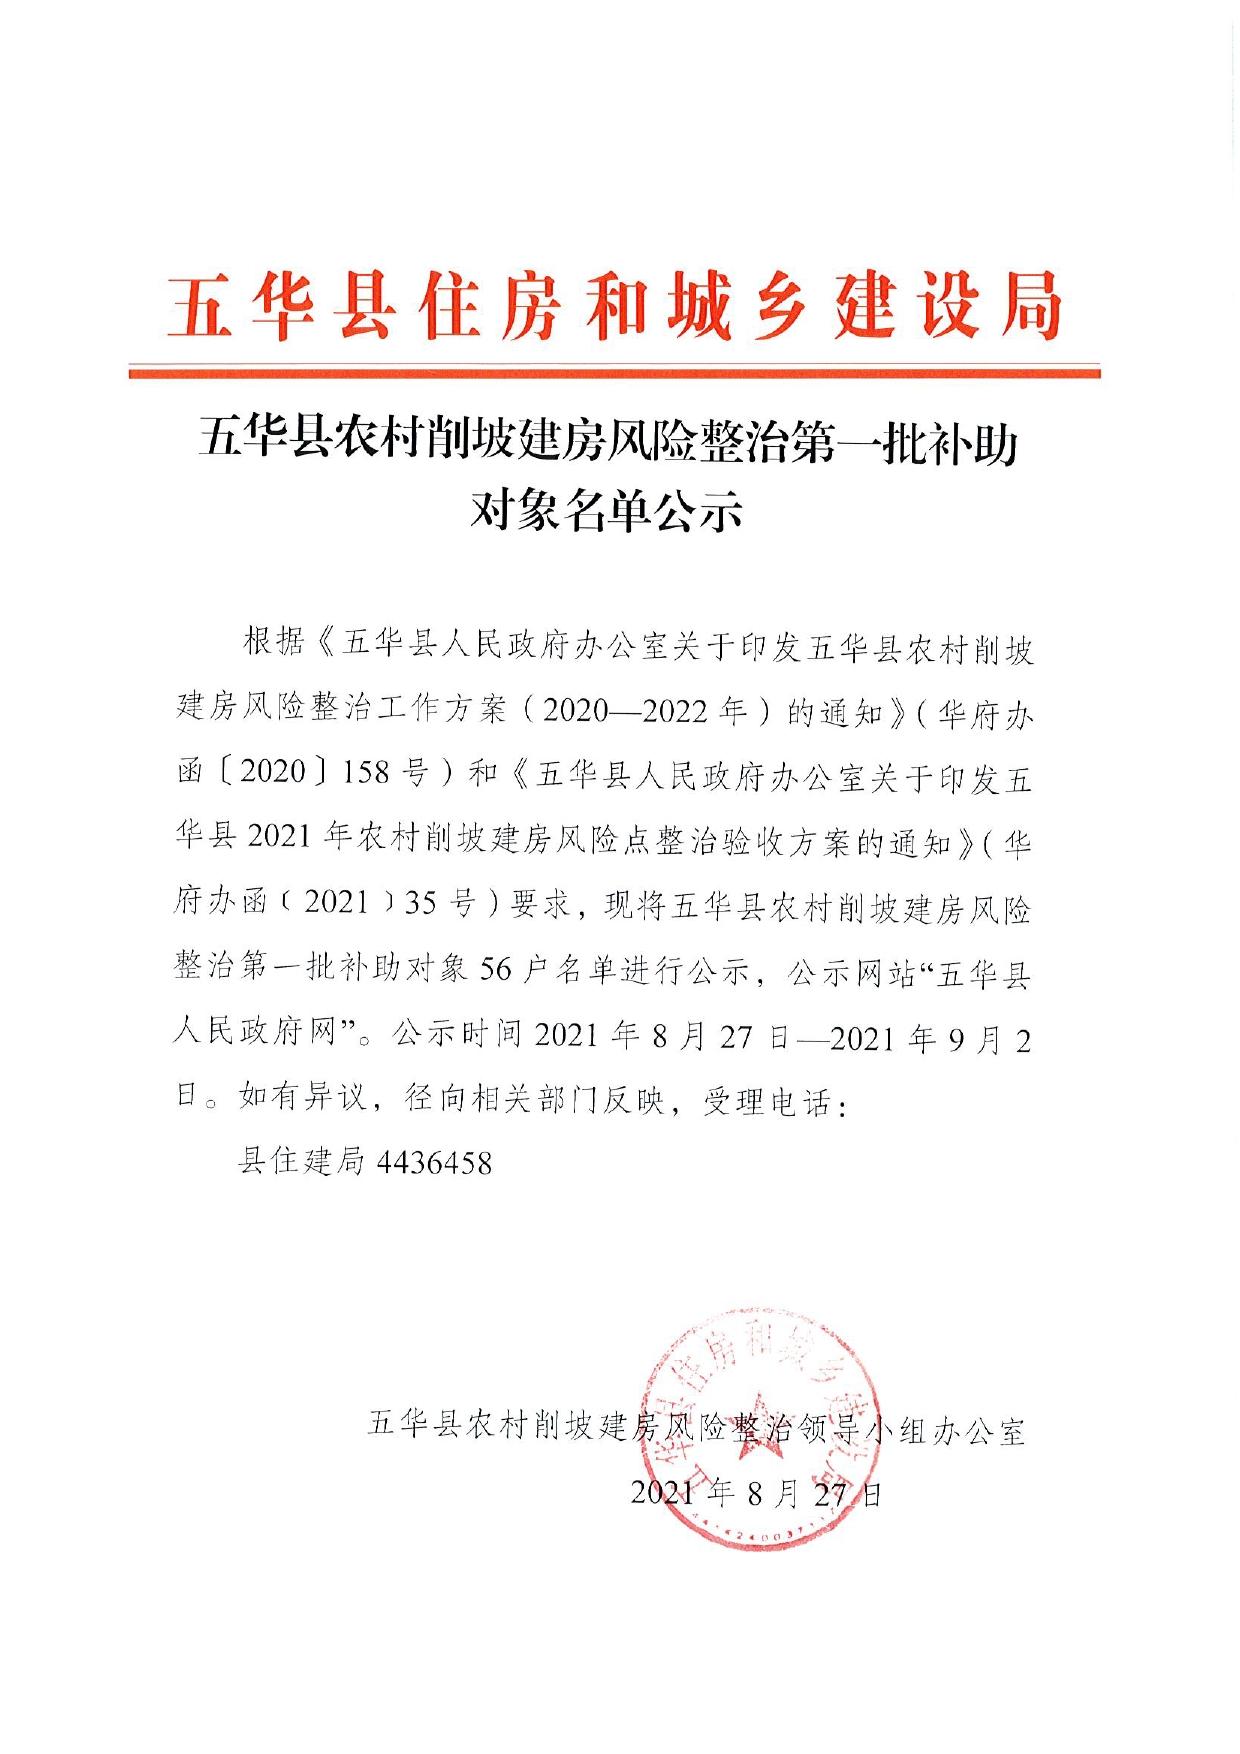 五华县农村削坡建房风险整治第一批补助对象名单公示0000.jpg